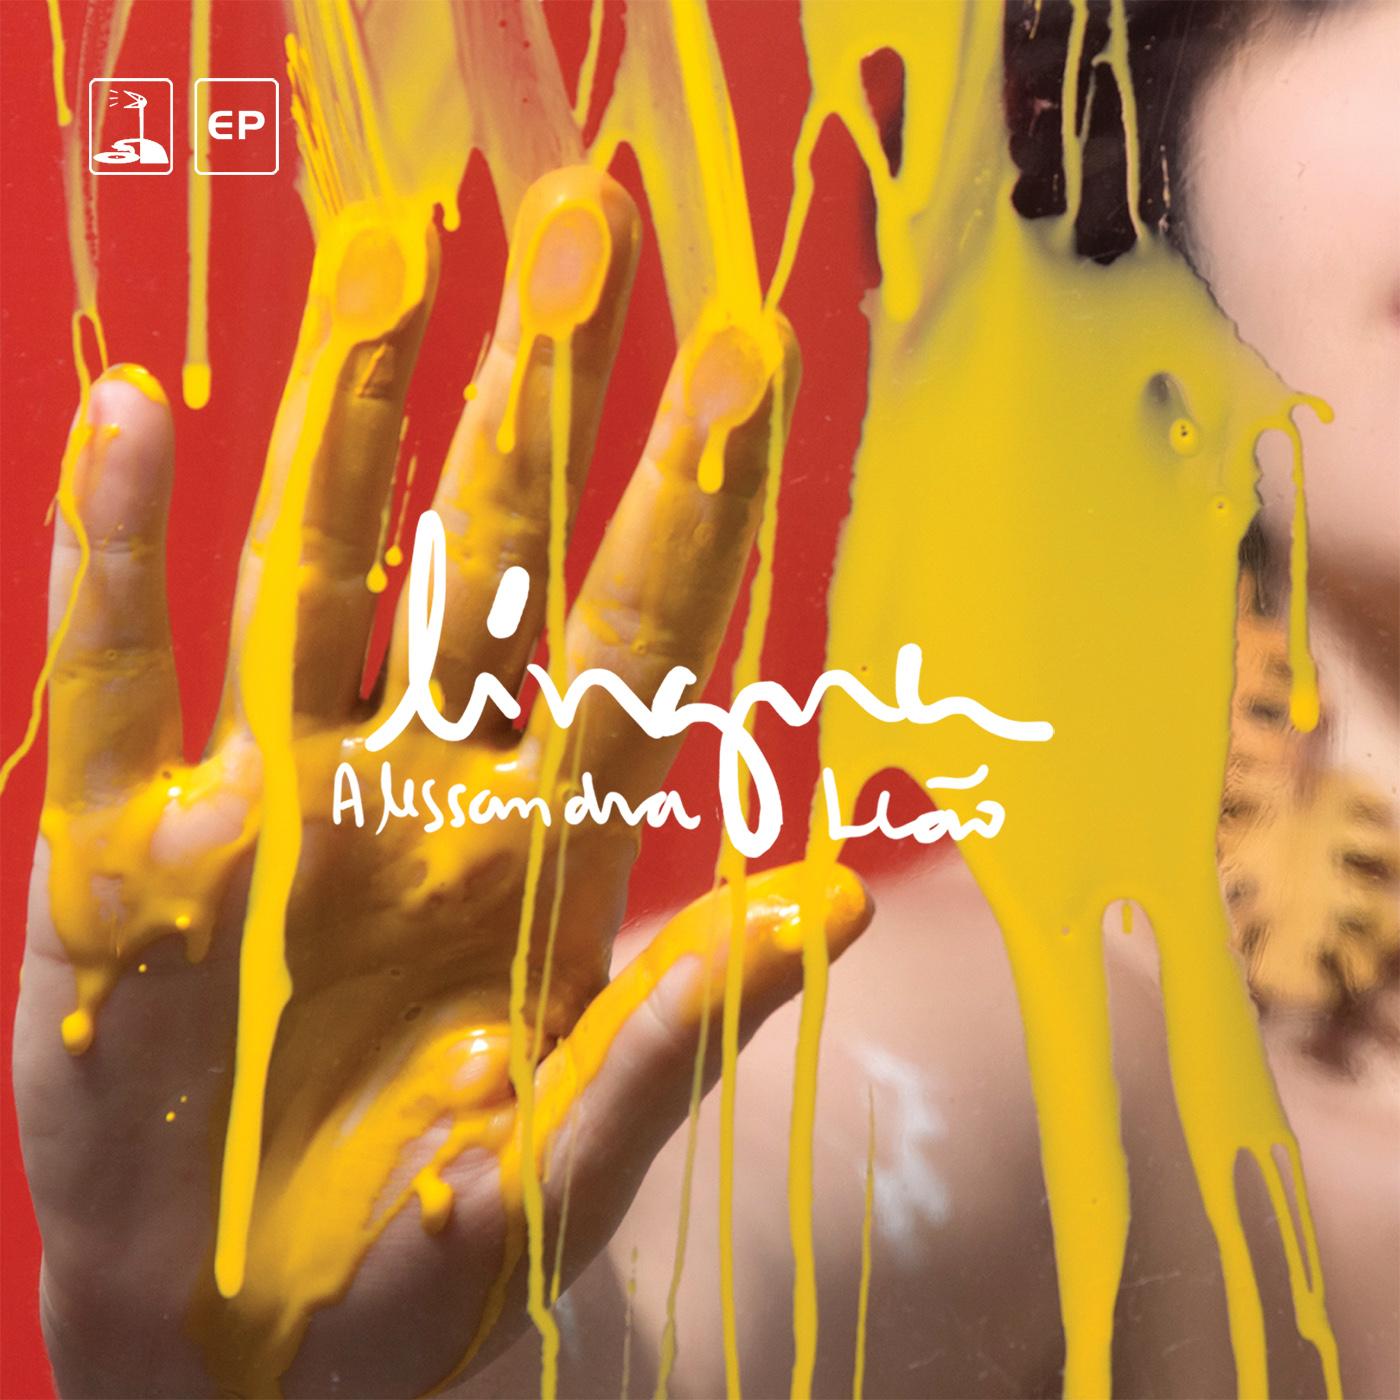 07 2015 Lingua [EP] - Alessandra Leao.jpg